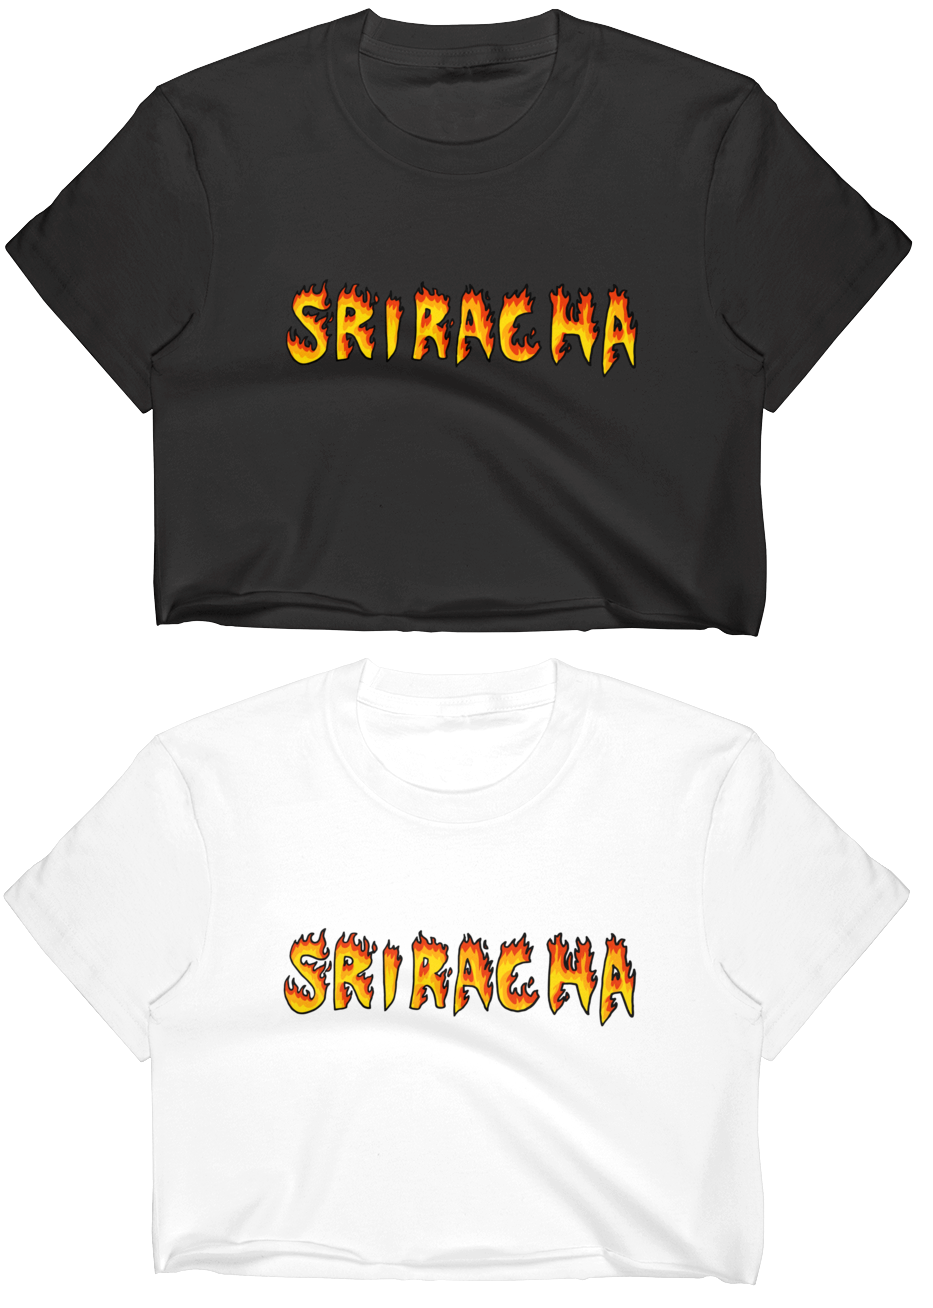 Crop top Sriracha 🌶 - 100% coton pour ne pas irriter tes tétons.Edition limitée !Tailles : S - M - L